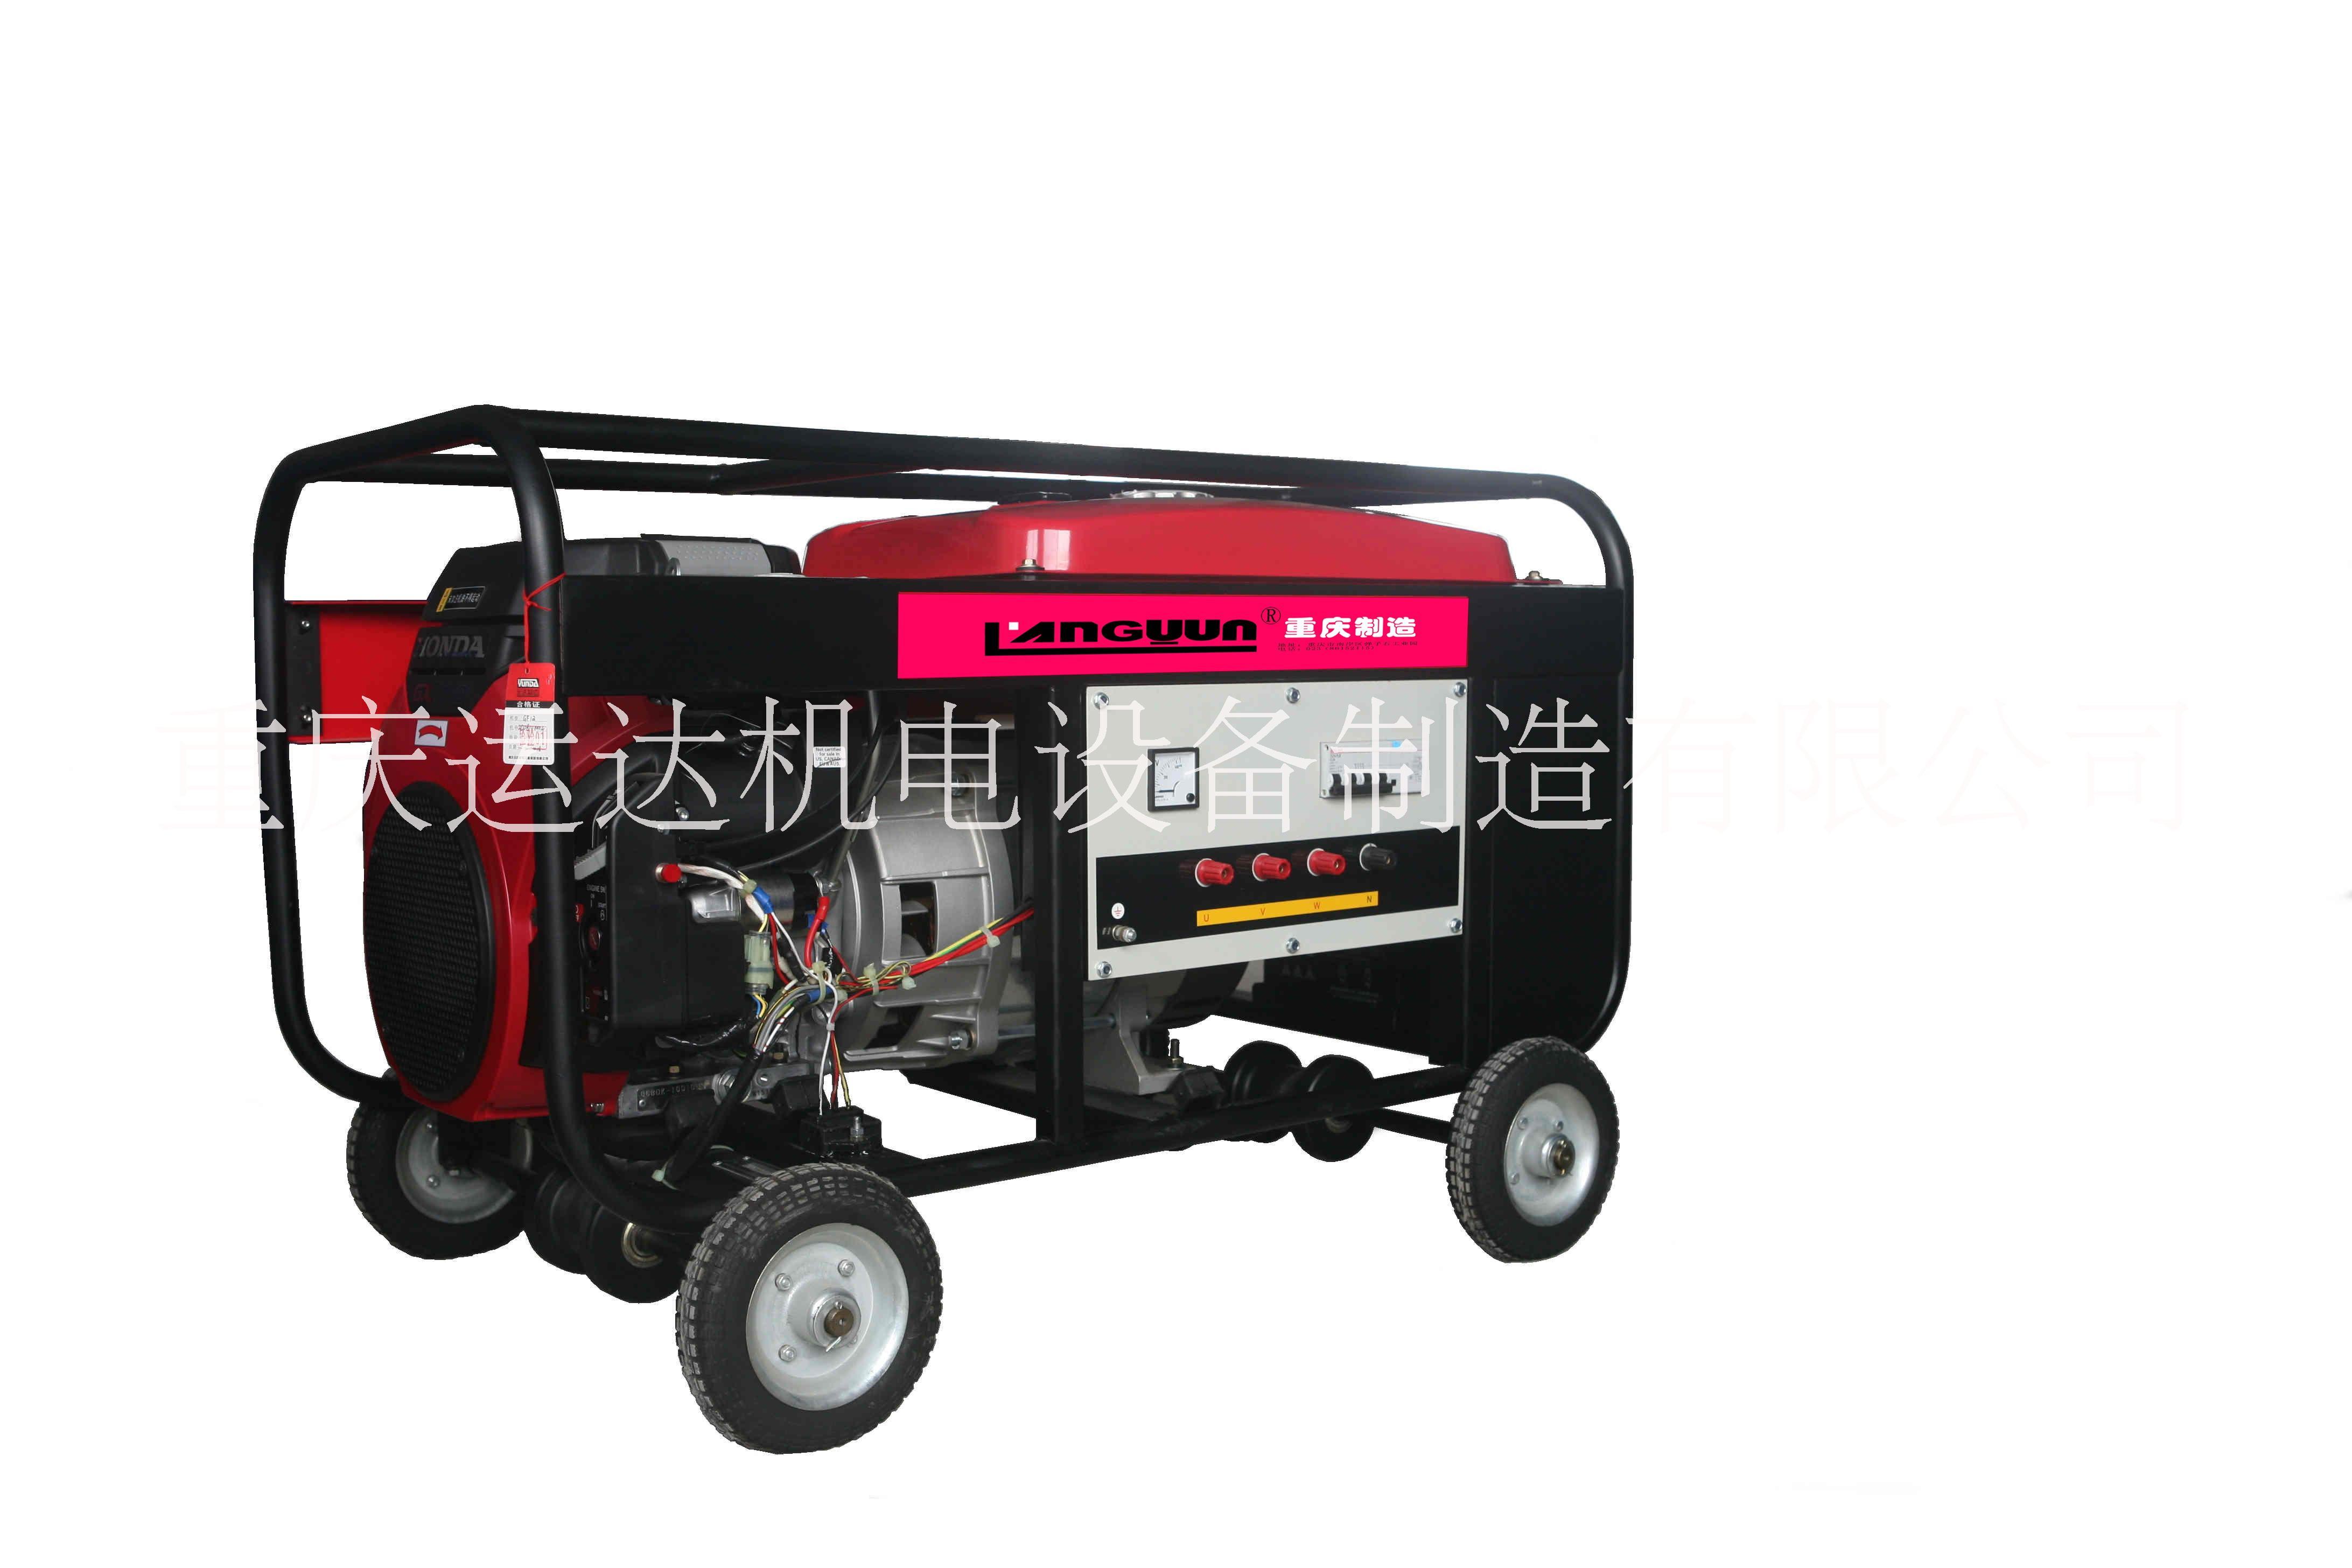 GF12/GF12-Ⅱ轻型三相发电机 厂家直销质量可靠性能稳定 重庆运达GF12轻型三相发电机